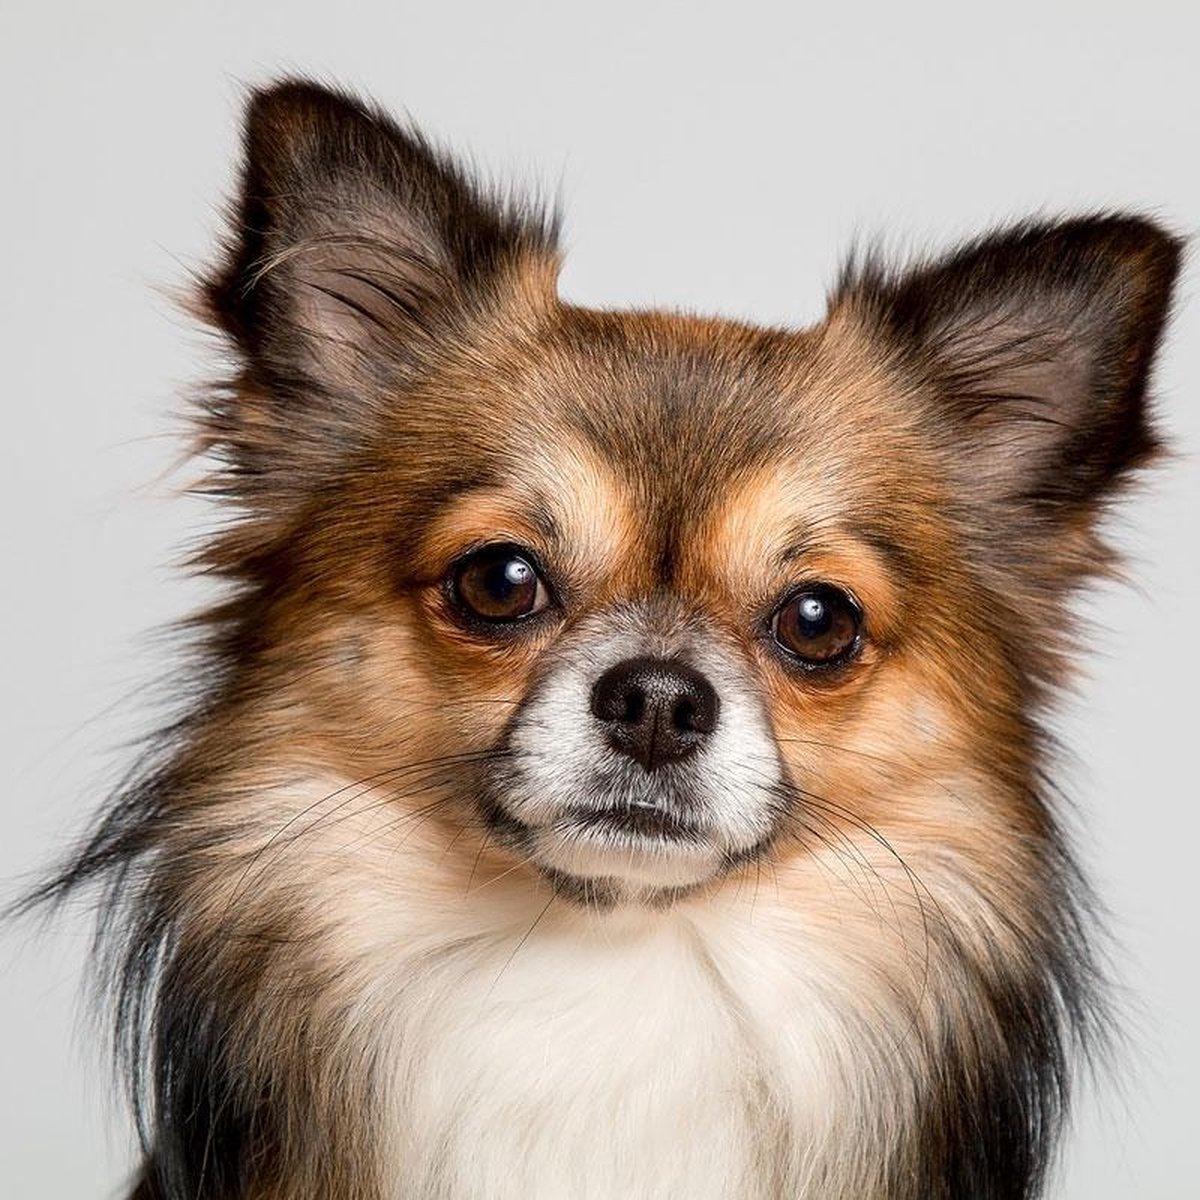 Diamond Painting pakket volwassenen | Chihuahua - 80 x 80 cm | Volledige bedekking met vierkante steentjes | FULL | DP Diamond Paintings